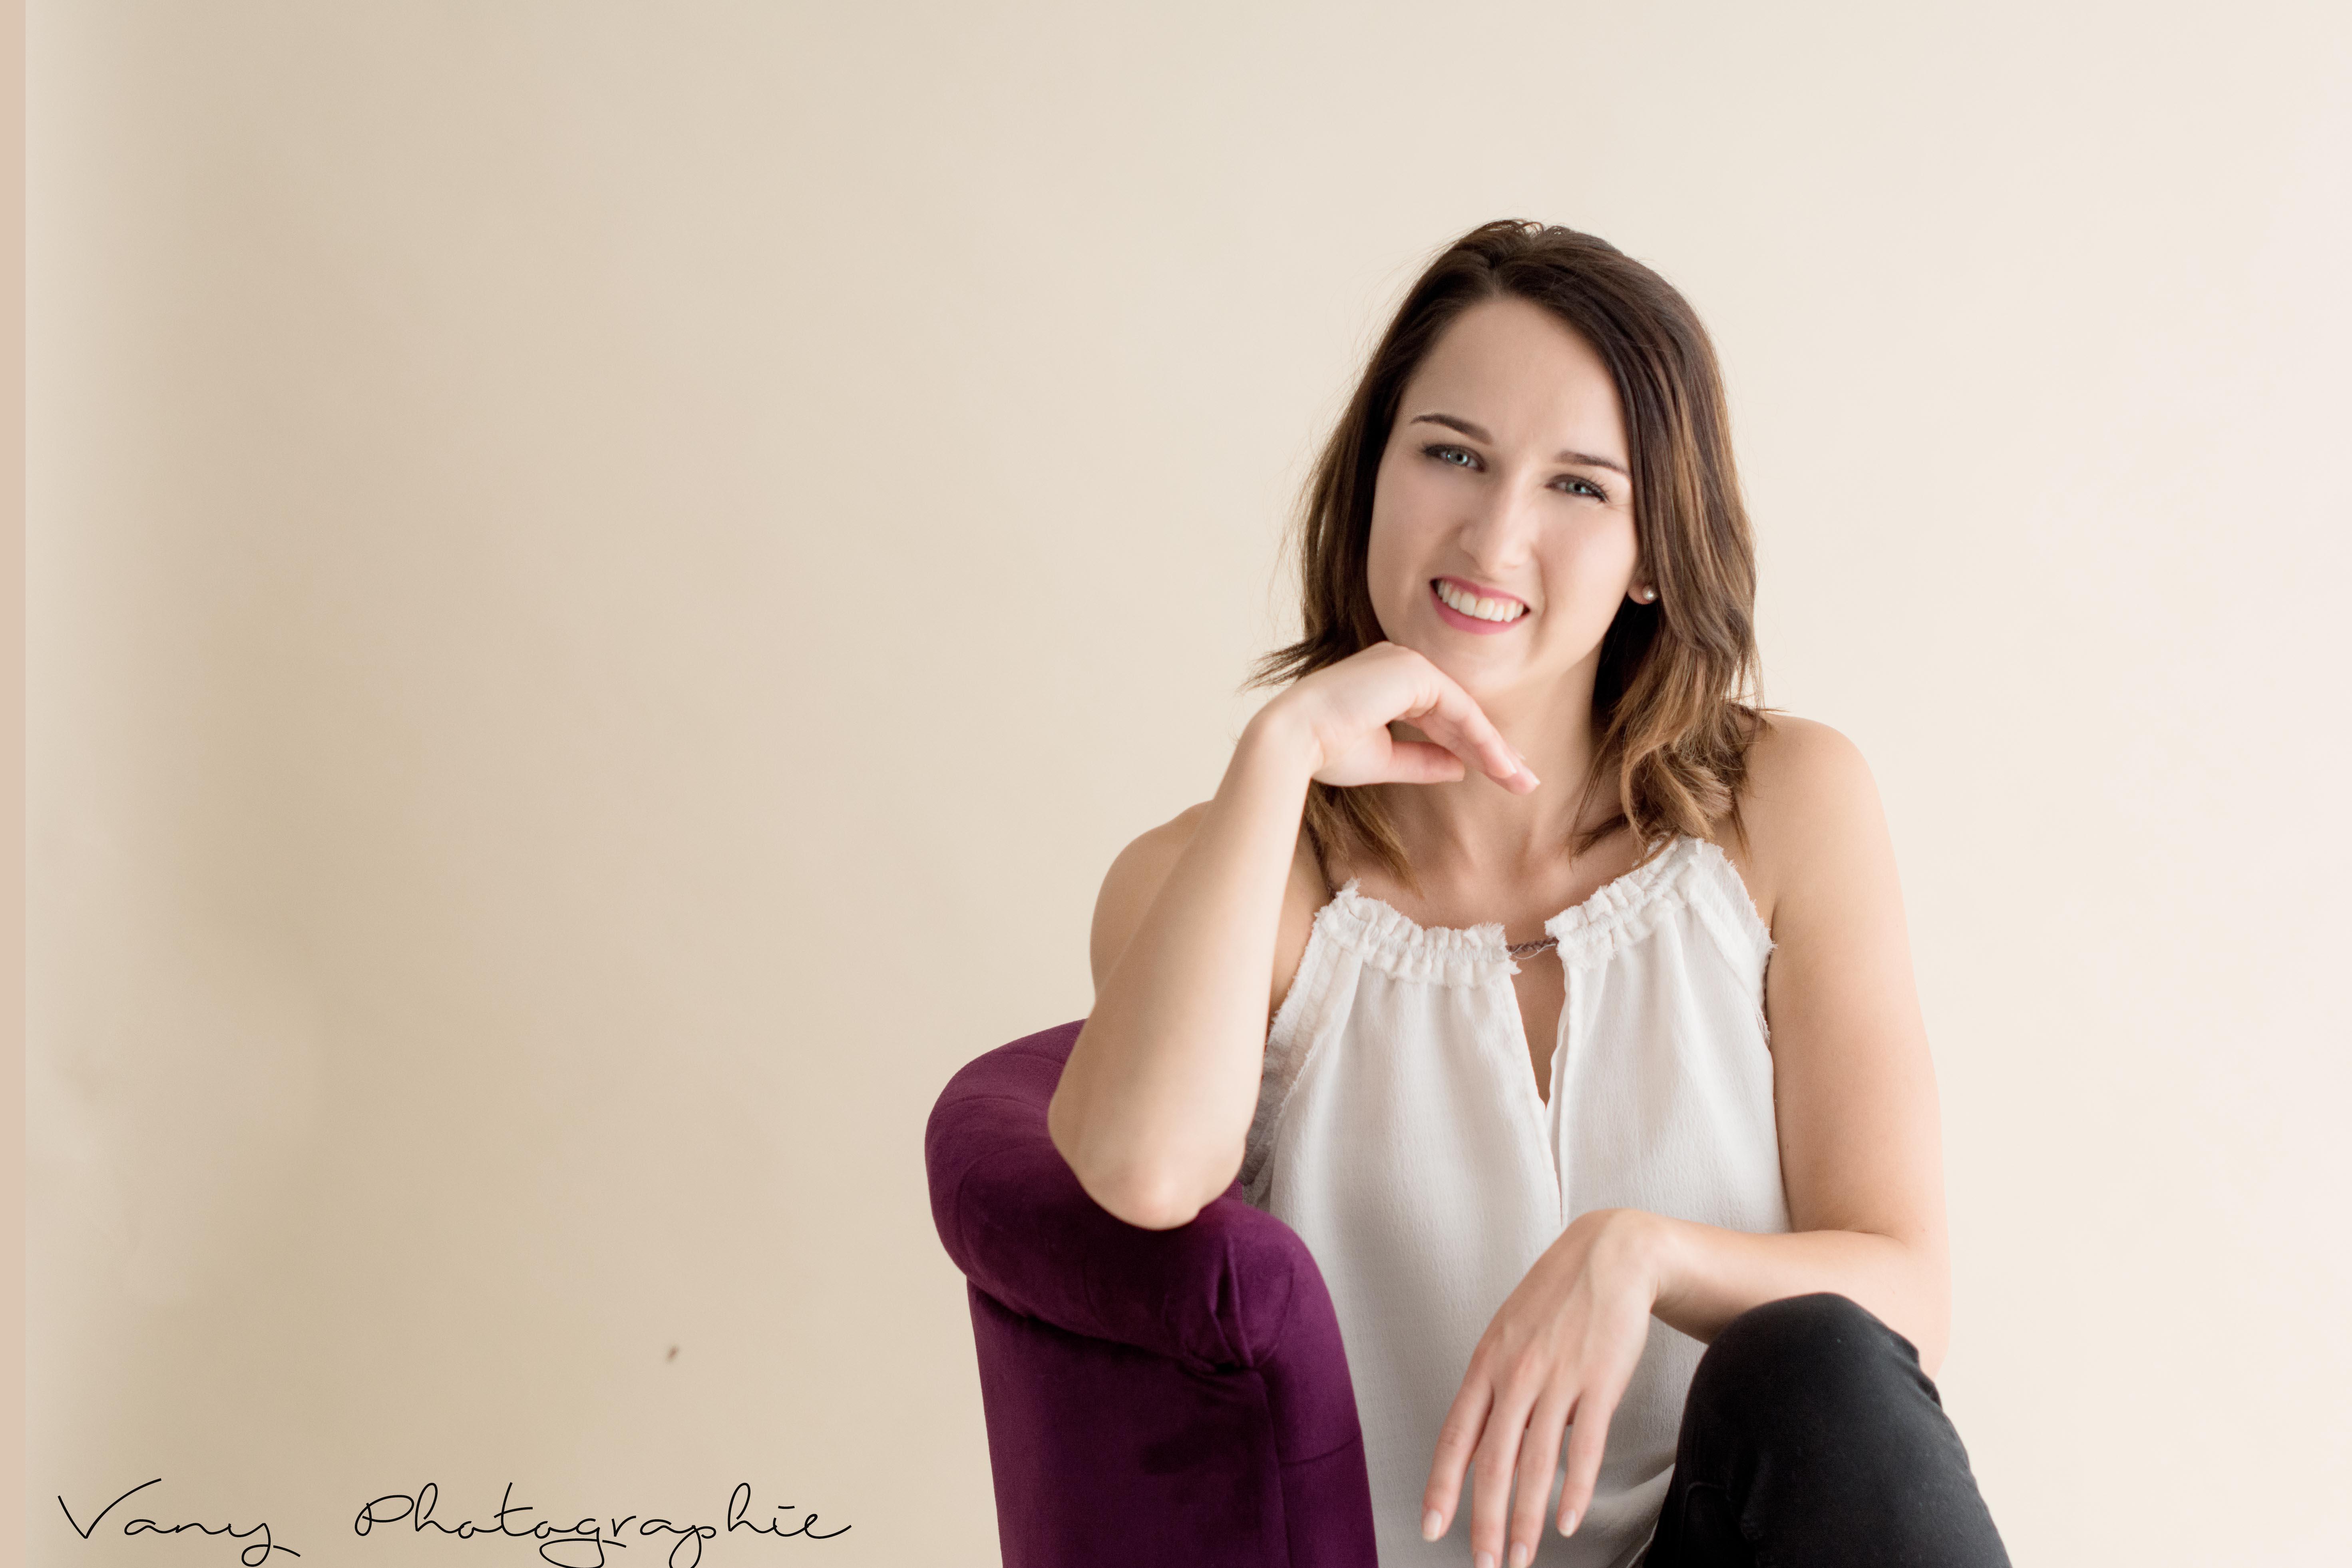 photographe-portrait-femme-laval